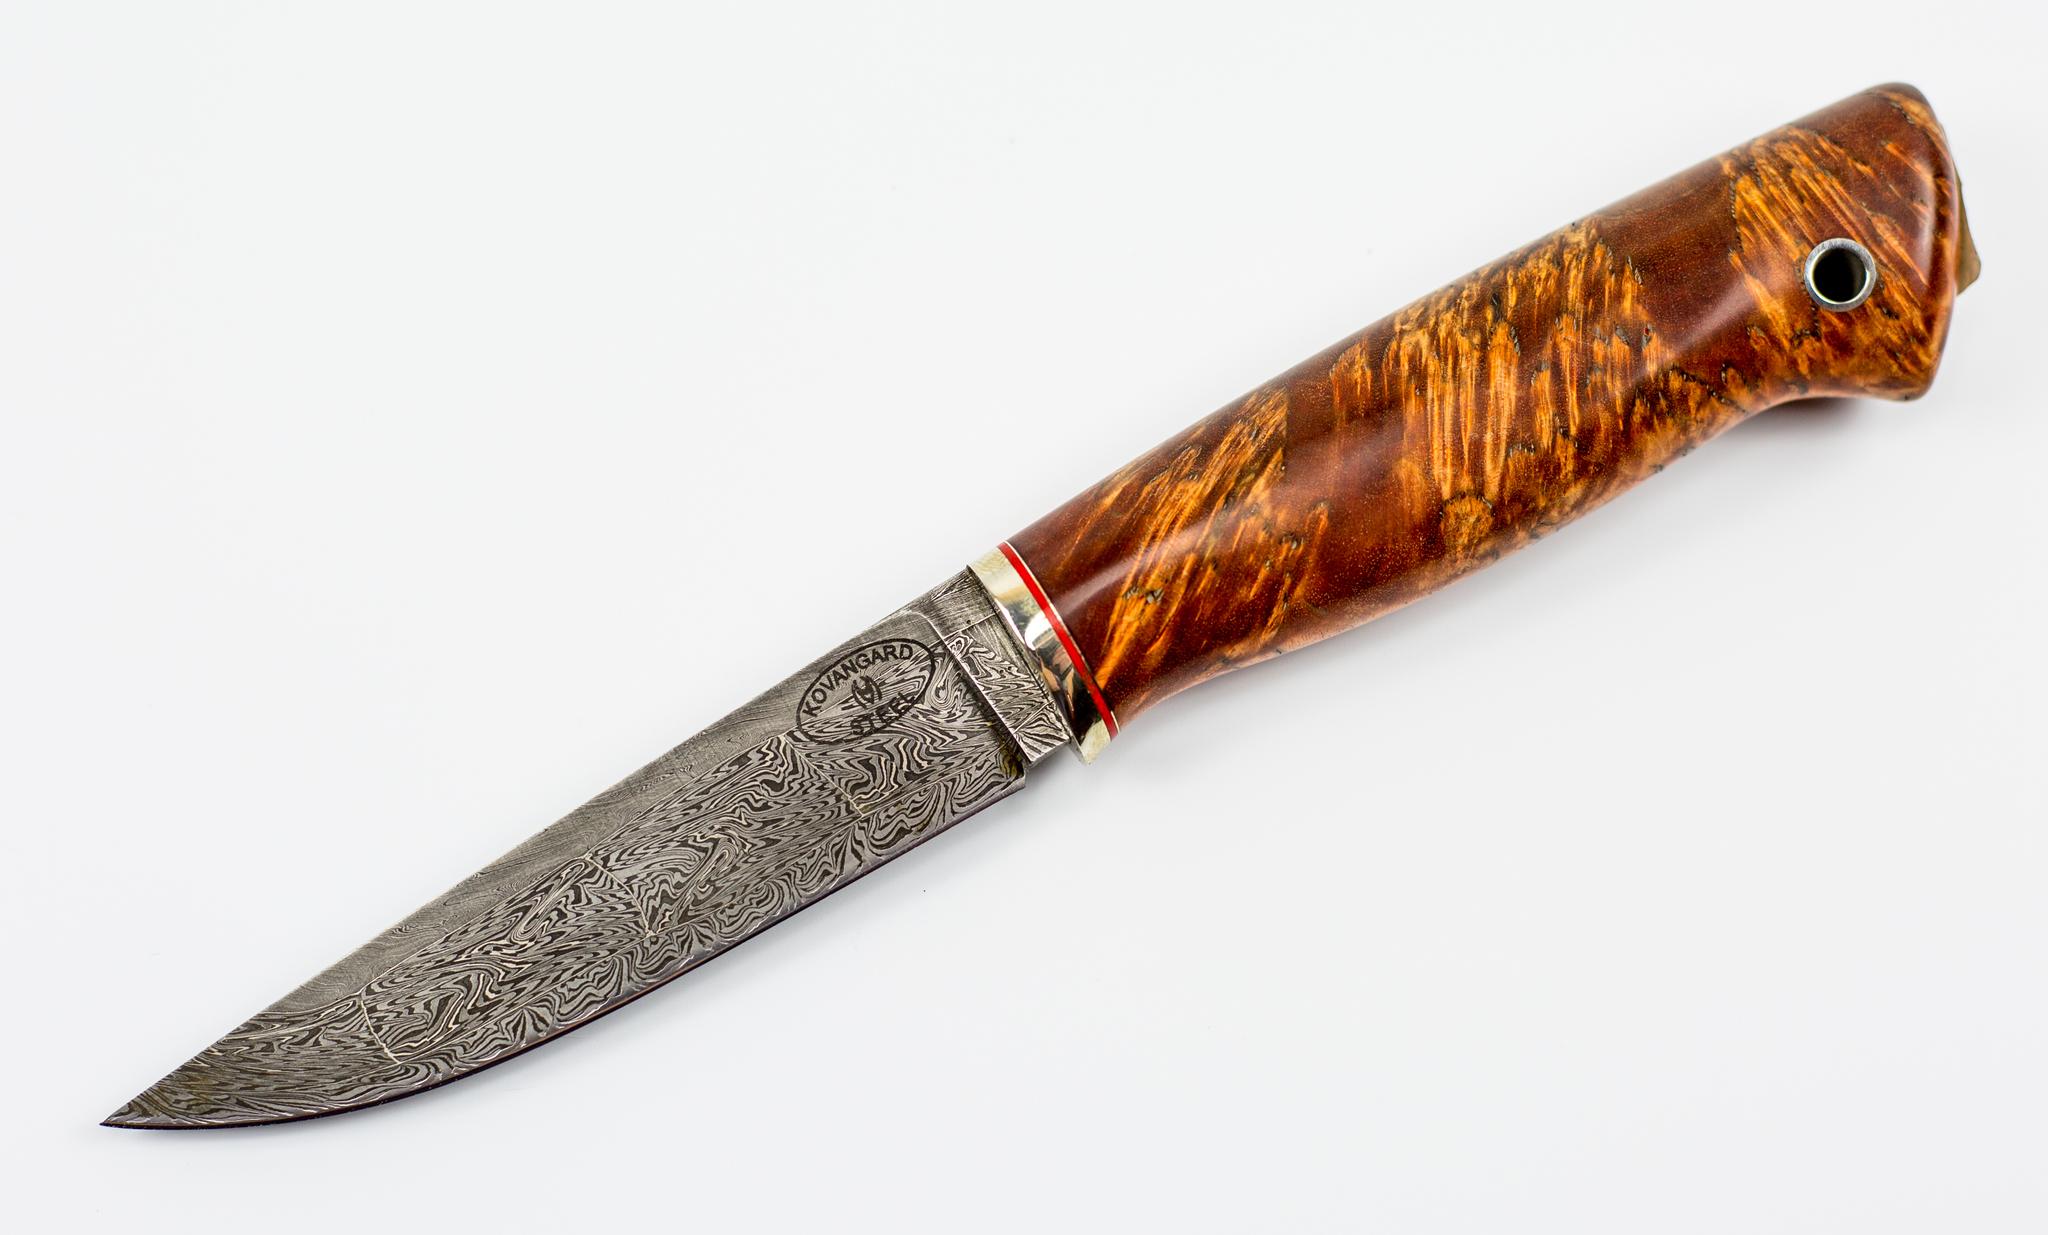 Нож из мозаичного дамаска №2, карельская березаНожи Ворсма<br>Нож Кузнеца Матвеева, мозаичный дамаск, карельская береза.<br>